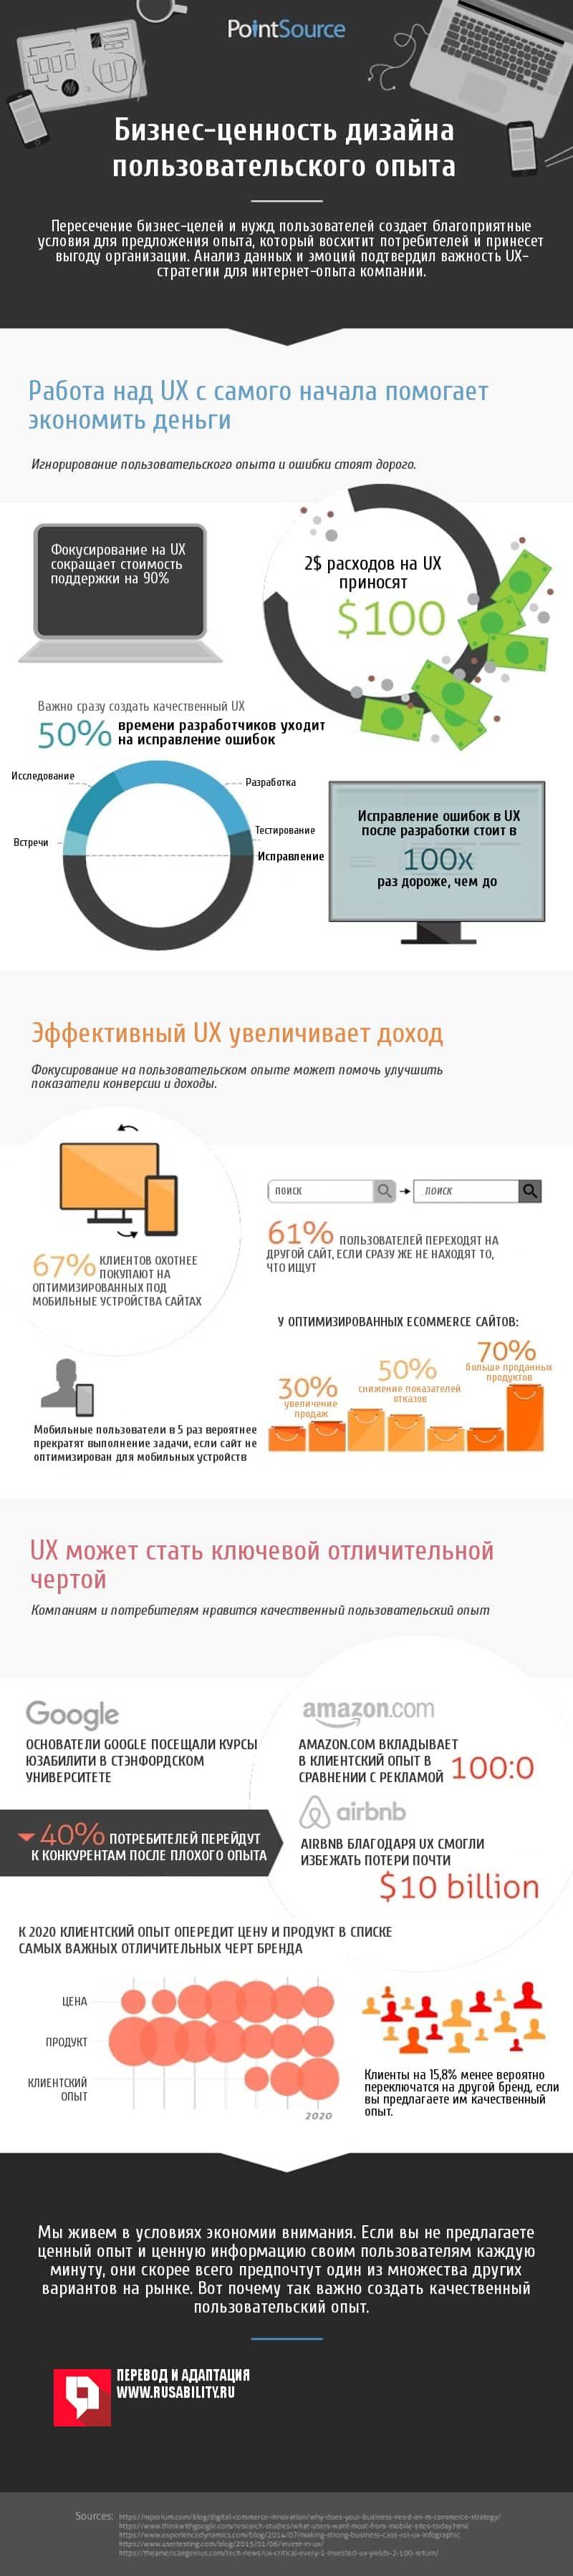 Бизнес-ценность дизайна пользовательского опыта